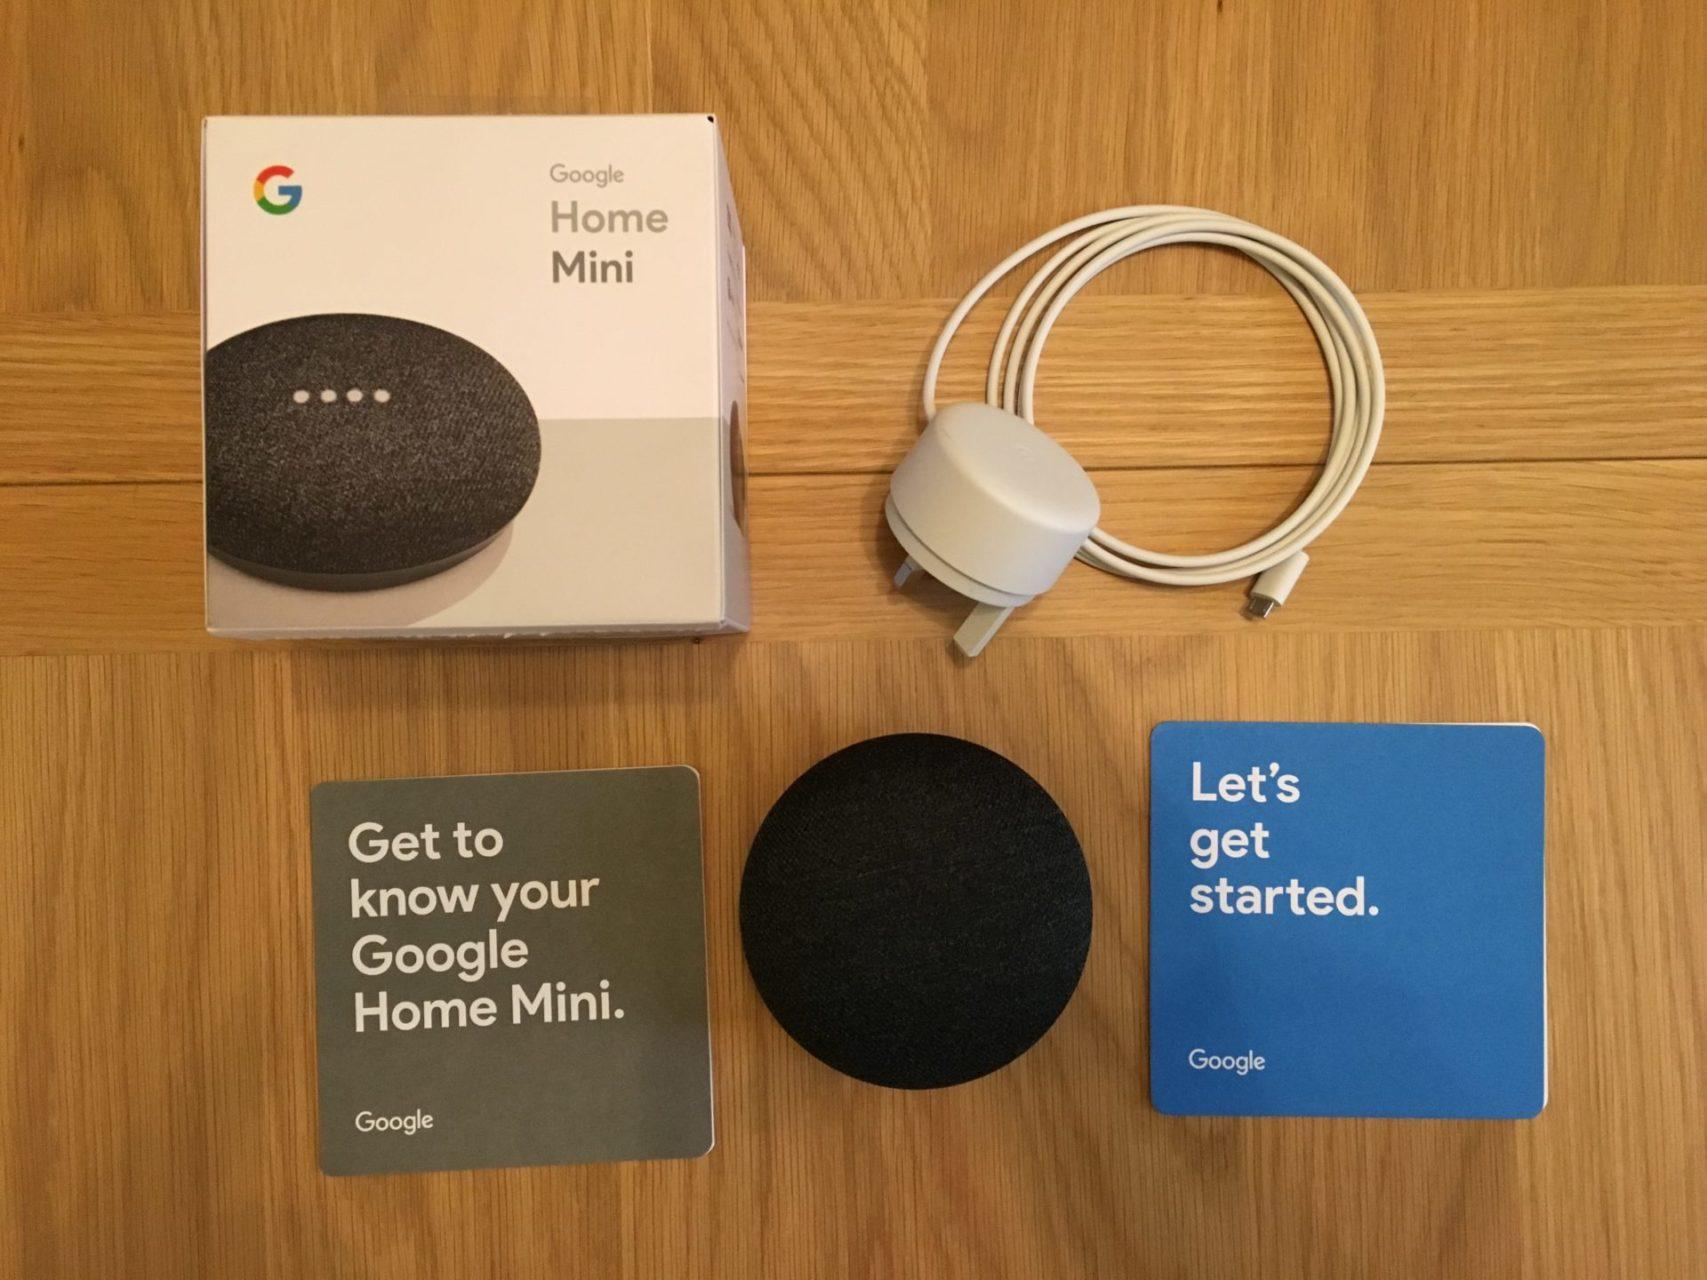 Google Home Mini Box Contents